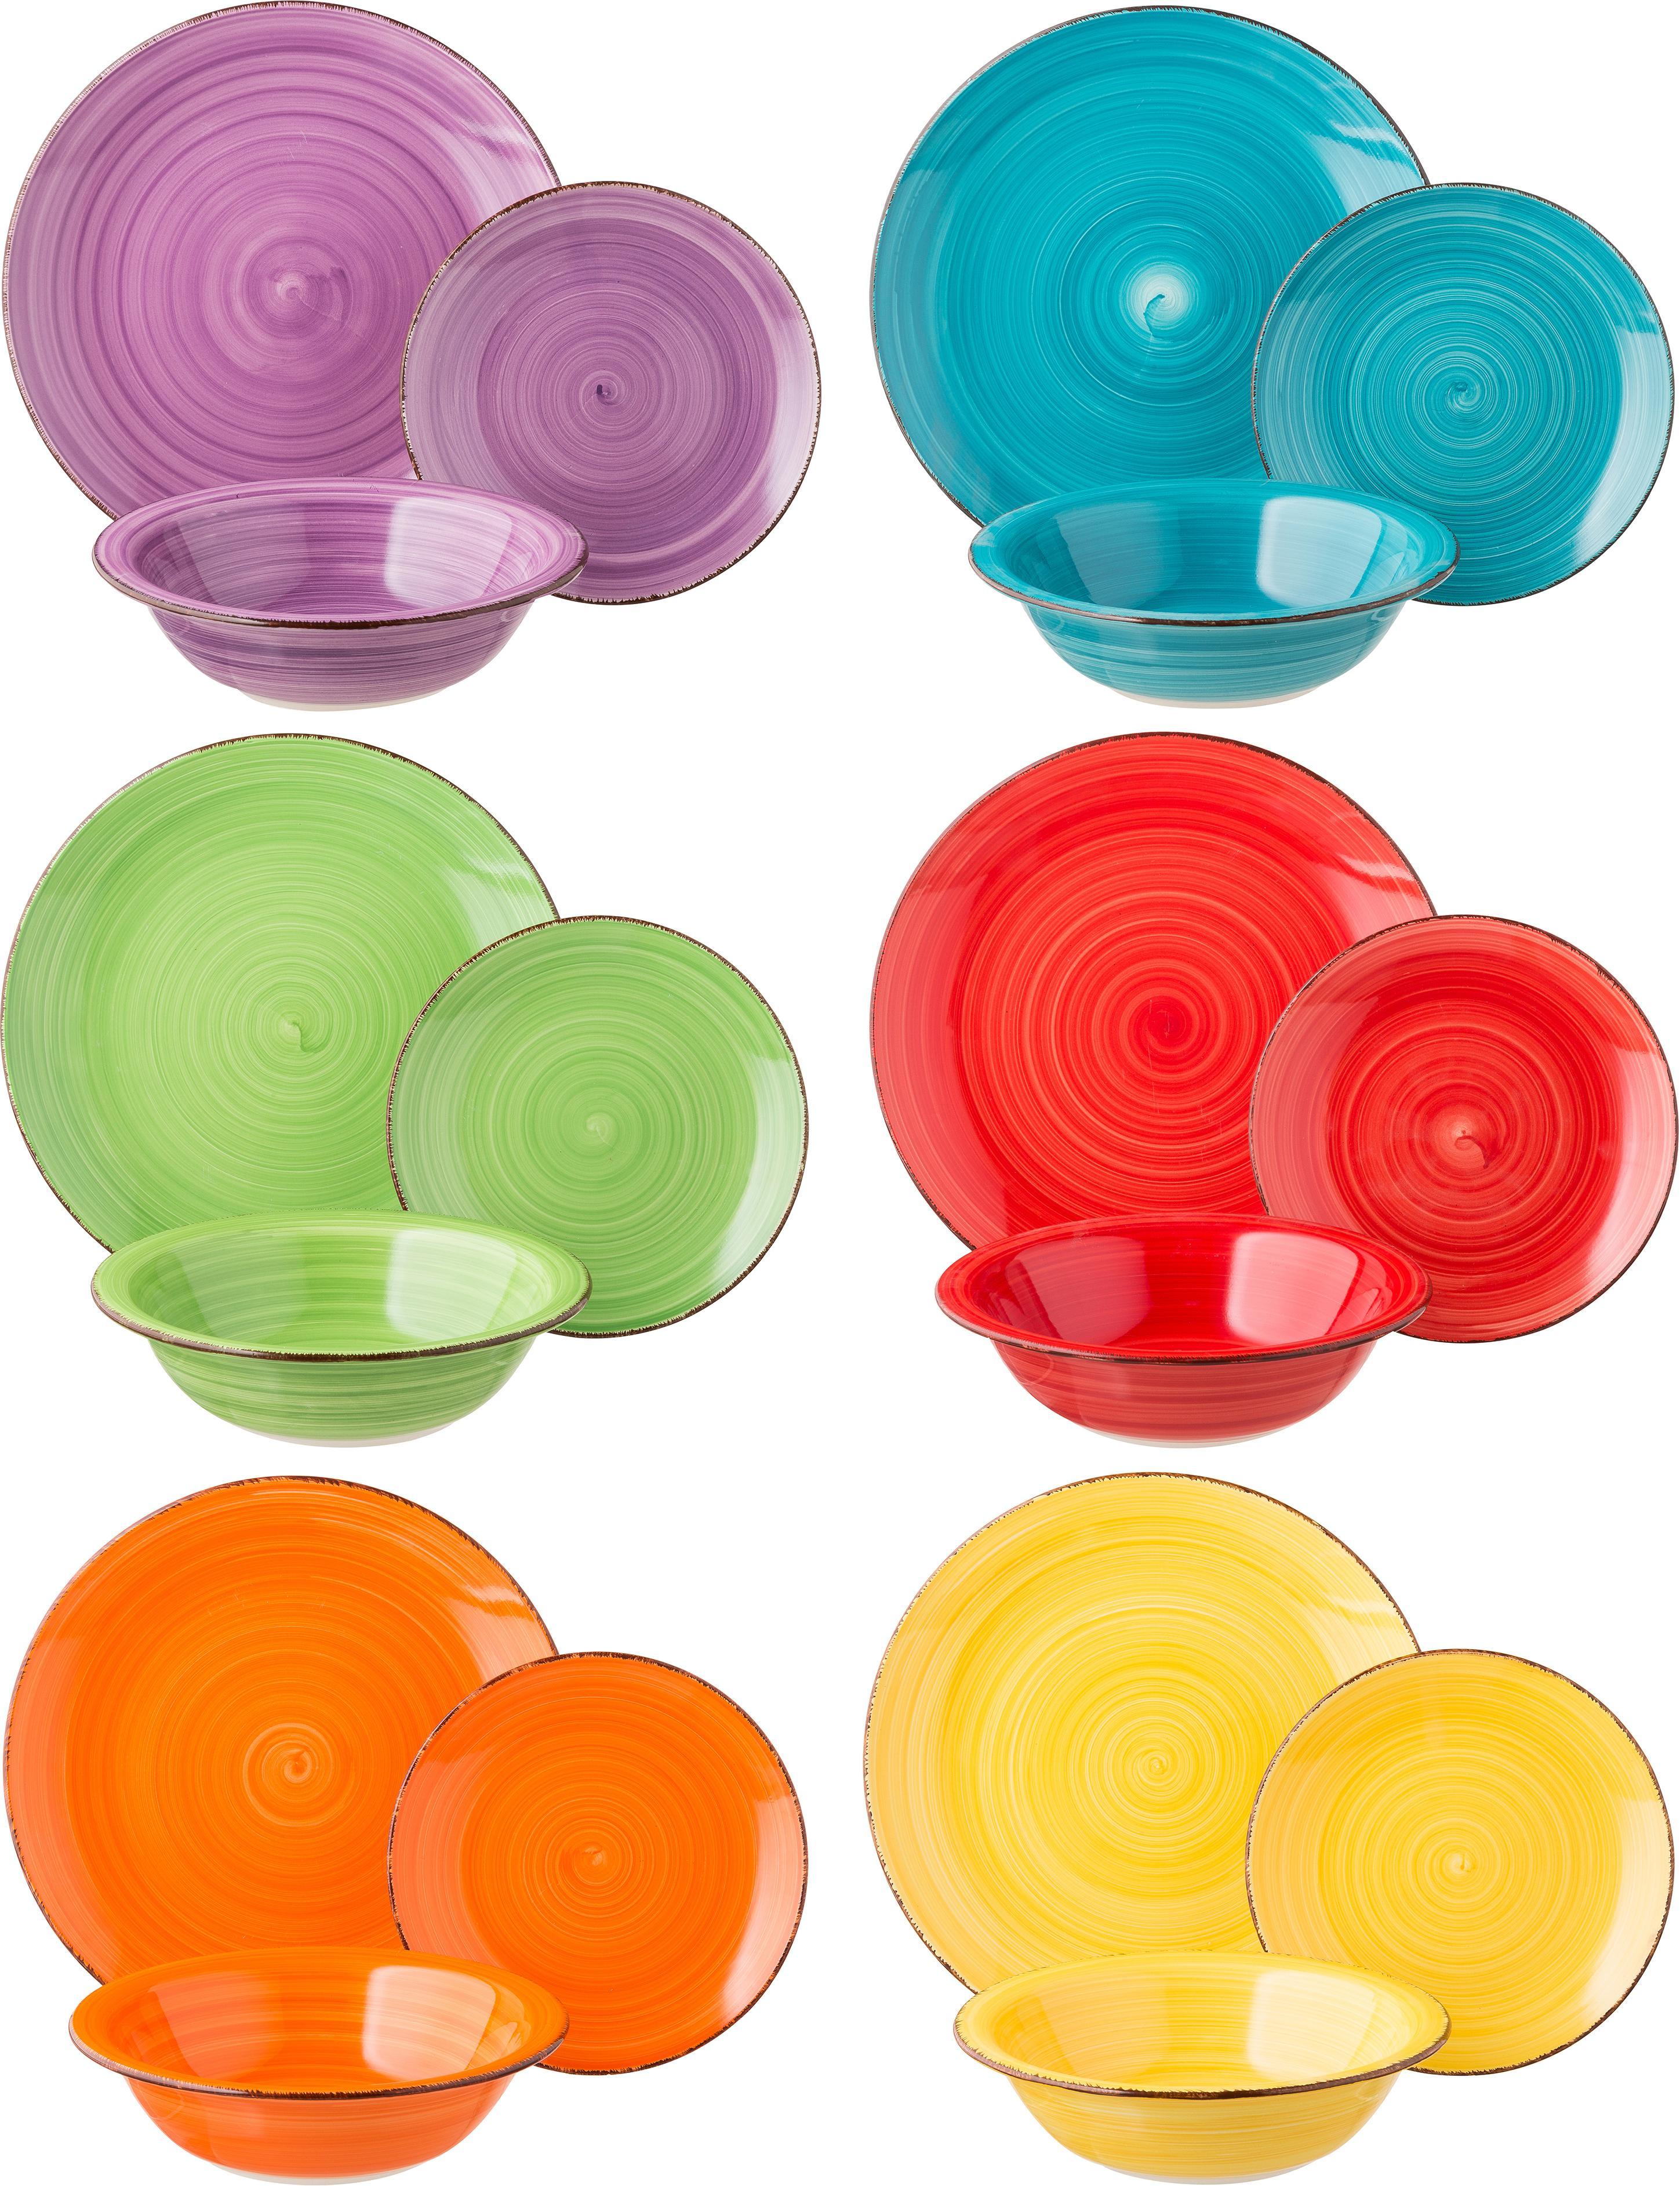 Vajilla artesanal Baita, 6comensales (18pzas.), Gres (dolomita) pintadoamano, Amarillo, lila, turquesa, naranja, rojo, verde, Set de diferentes tamaños